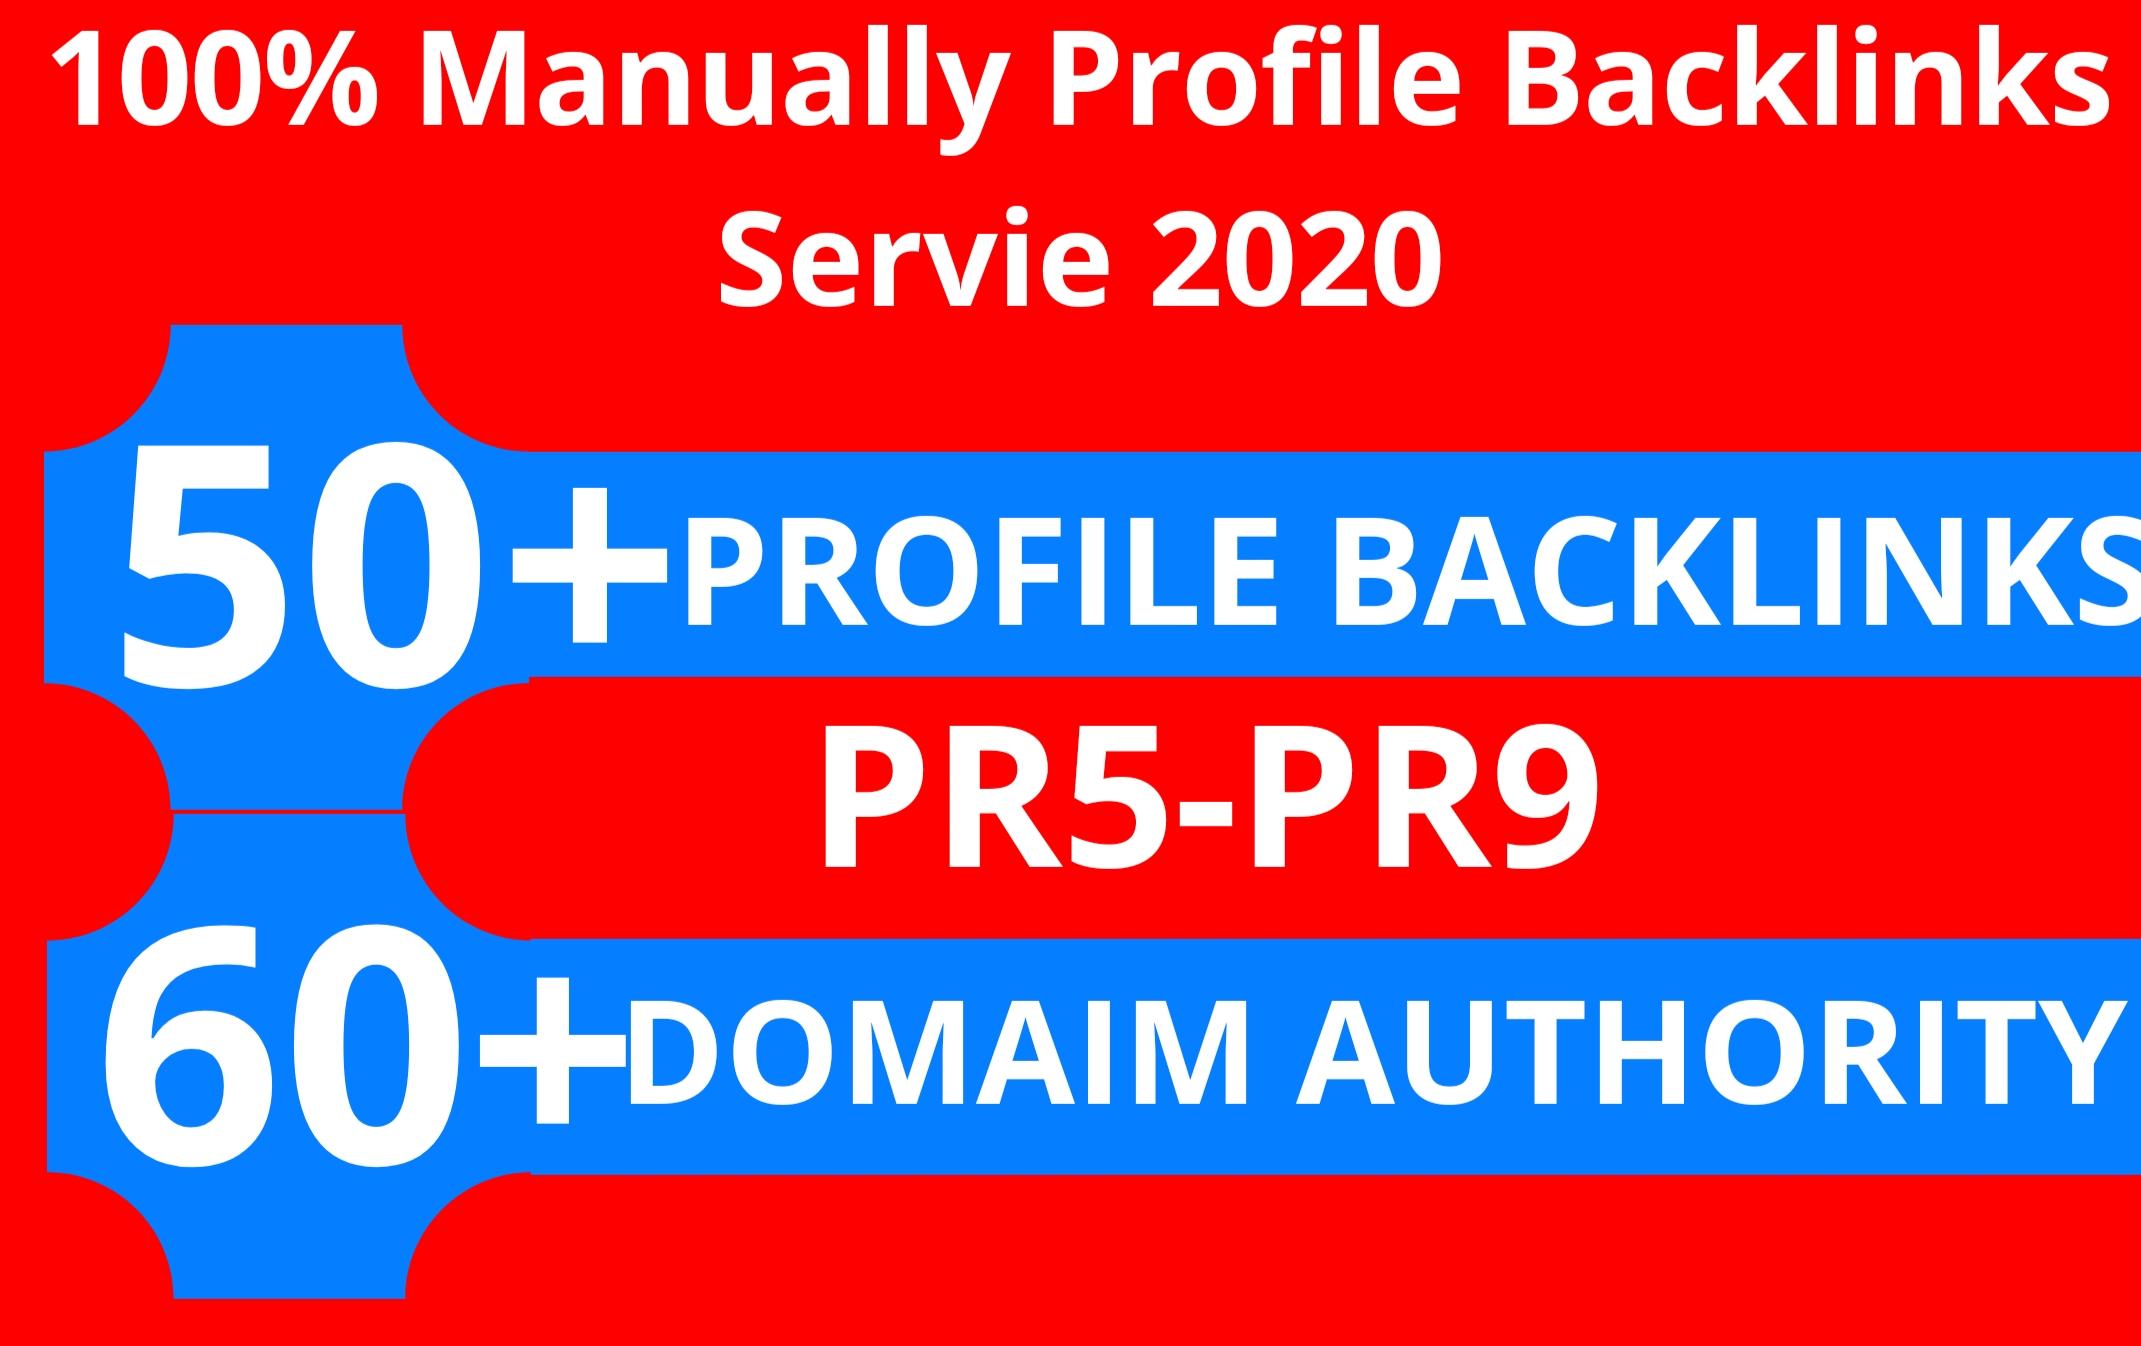 Manually Profile Backlinks Service DA 60+ PR5-PR9 Skyrocket Your Google Rankings